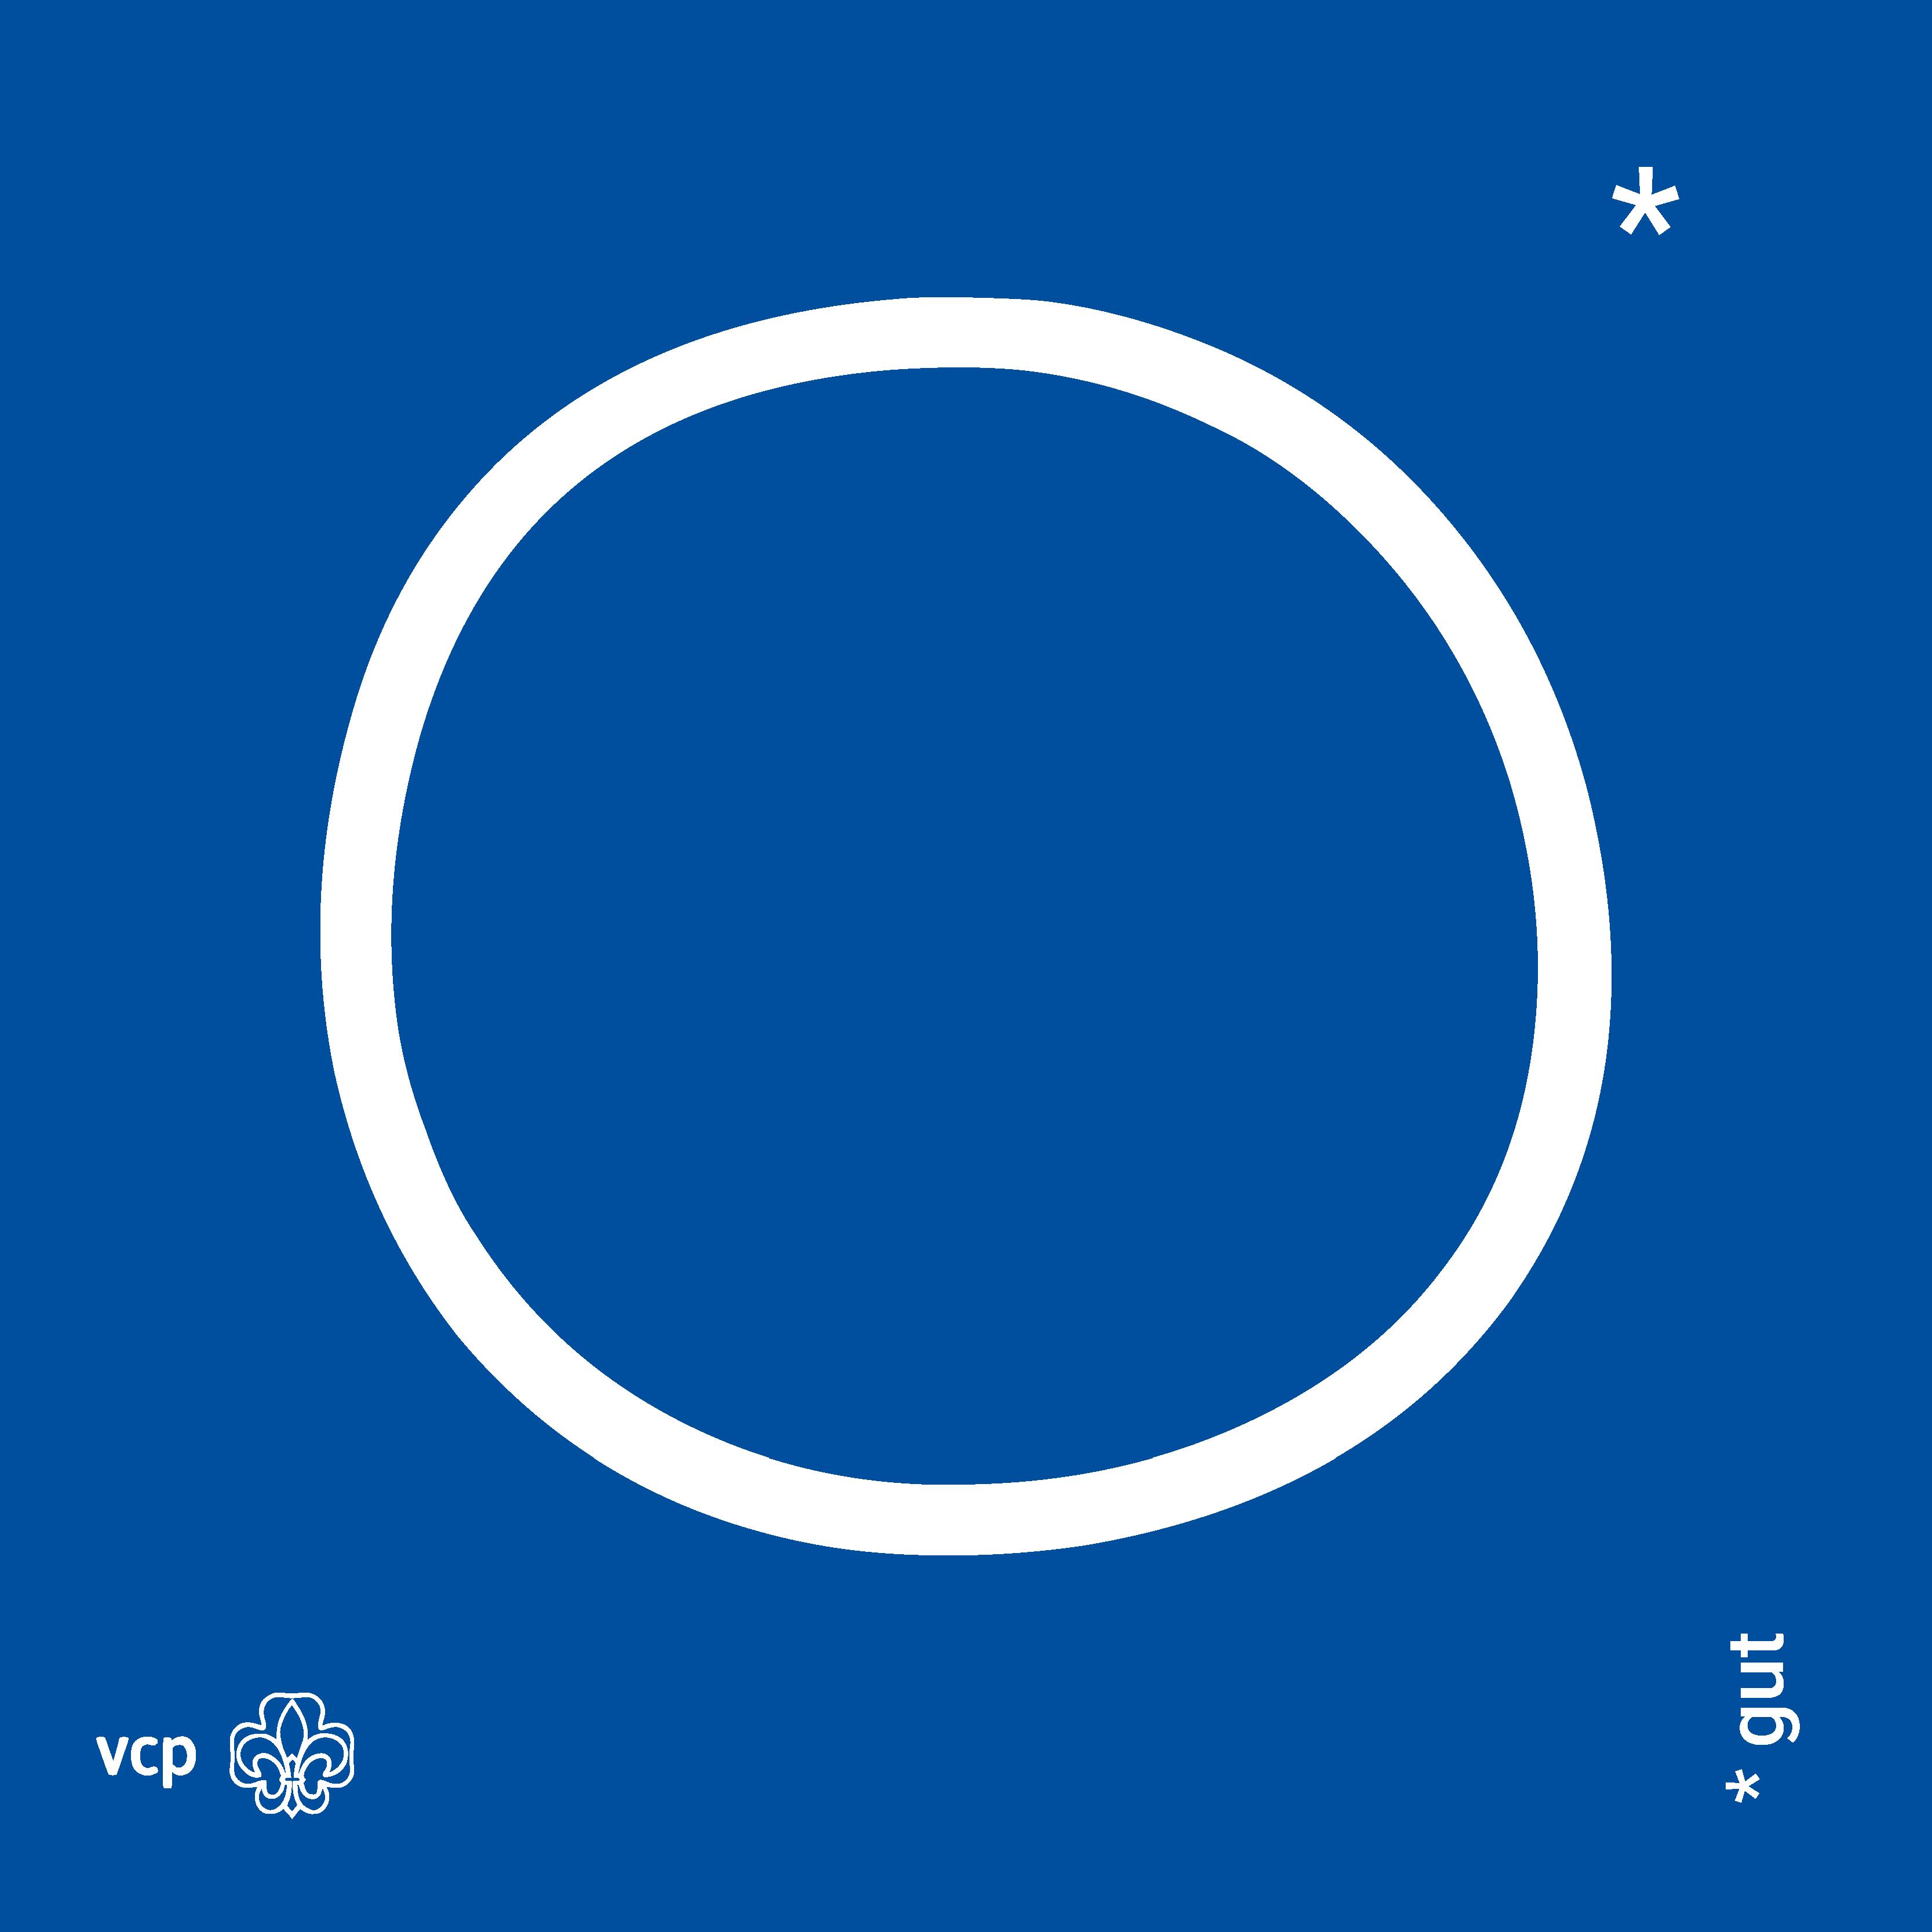 gut - VCP-Waldläuferzeichen